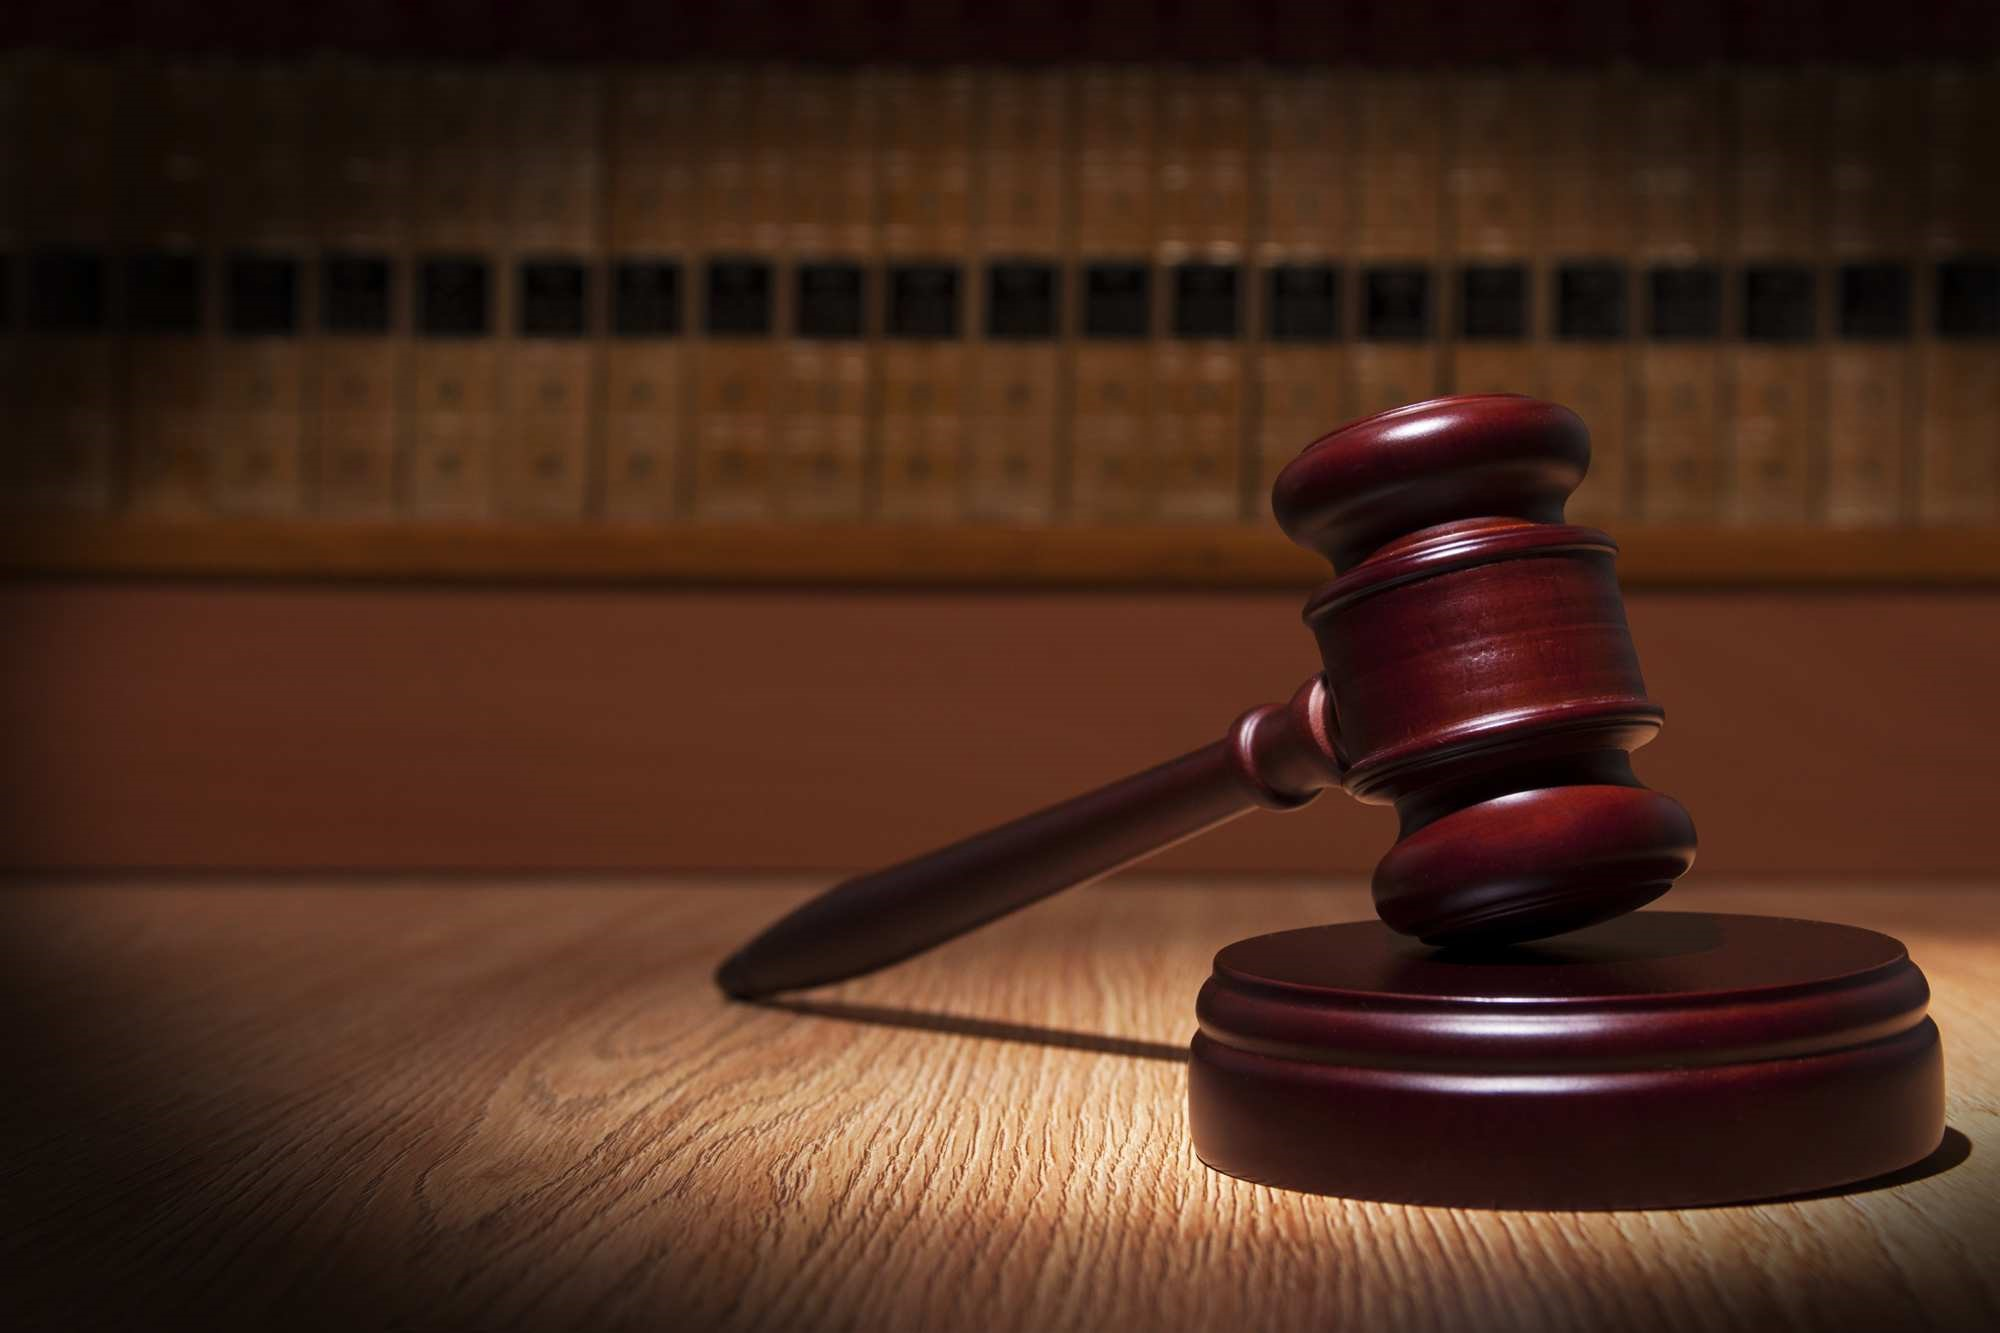 آیا می دانید برای اثبات جرم افترا چه مدارکی نیاز است؟